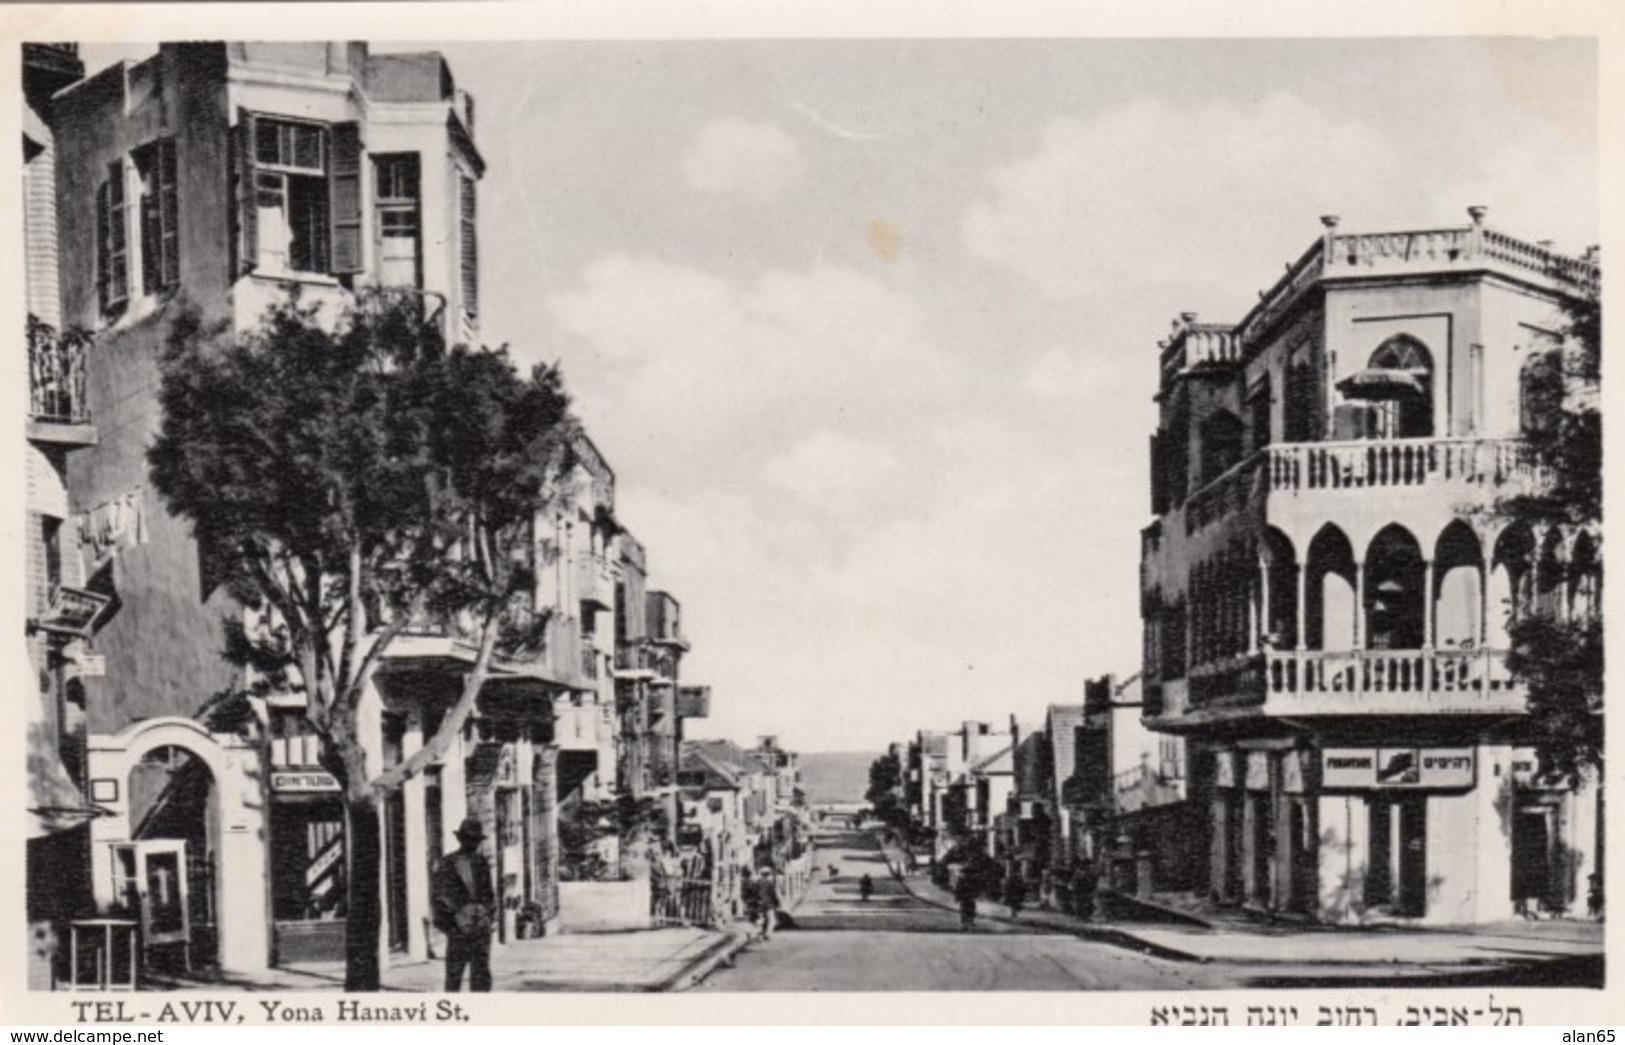 Tel Aviv Israel, Yona Hanavi Street Scene, C1930s/40s Vintage Eliahu Bros. Postcard - Israel